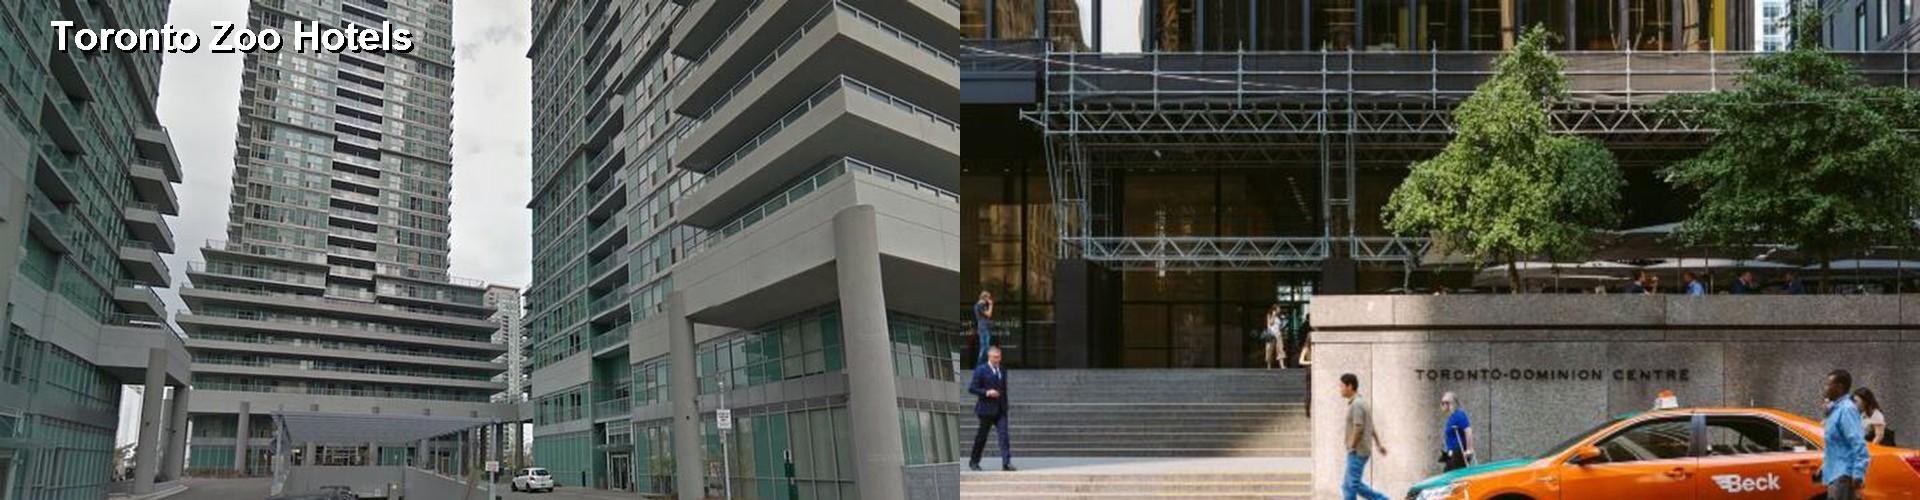 3 Best Hotels Near Toronto Zoo